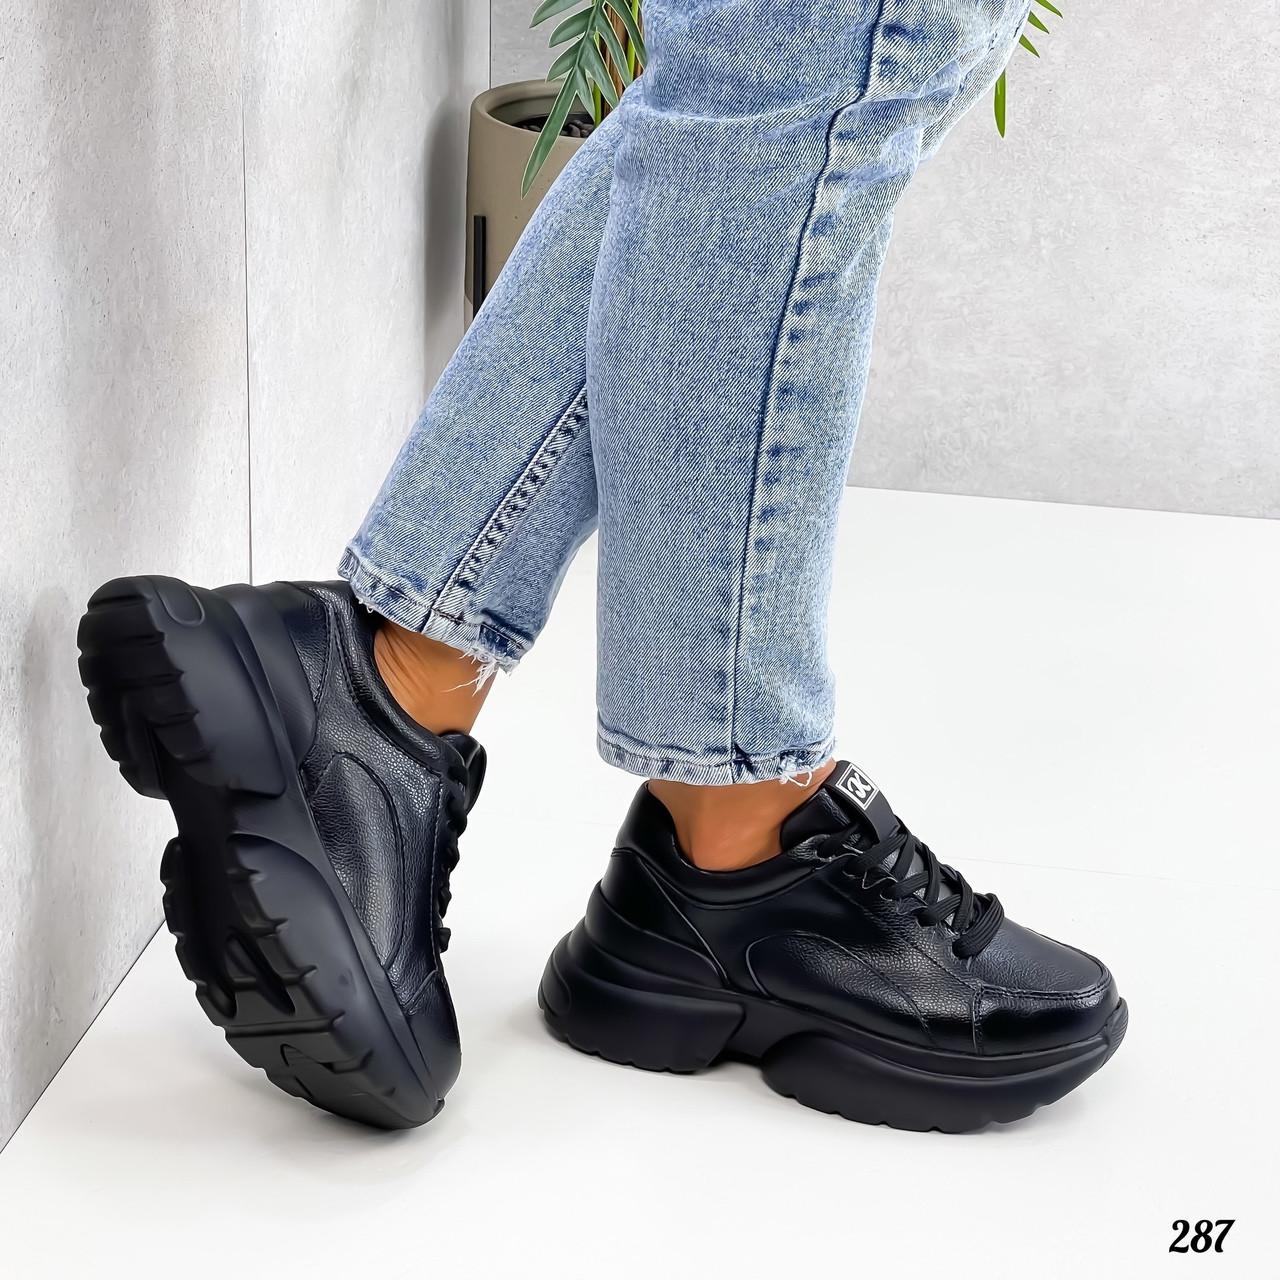 Кроссы черные женские 287 (ТМ)